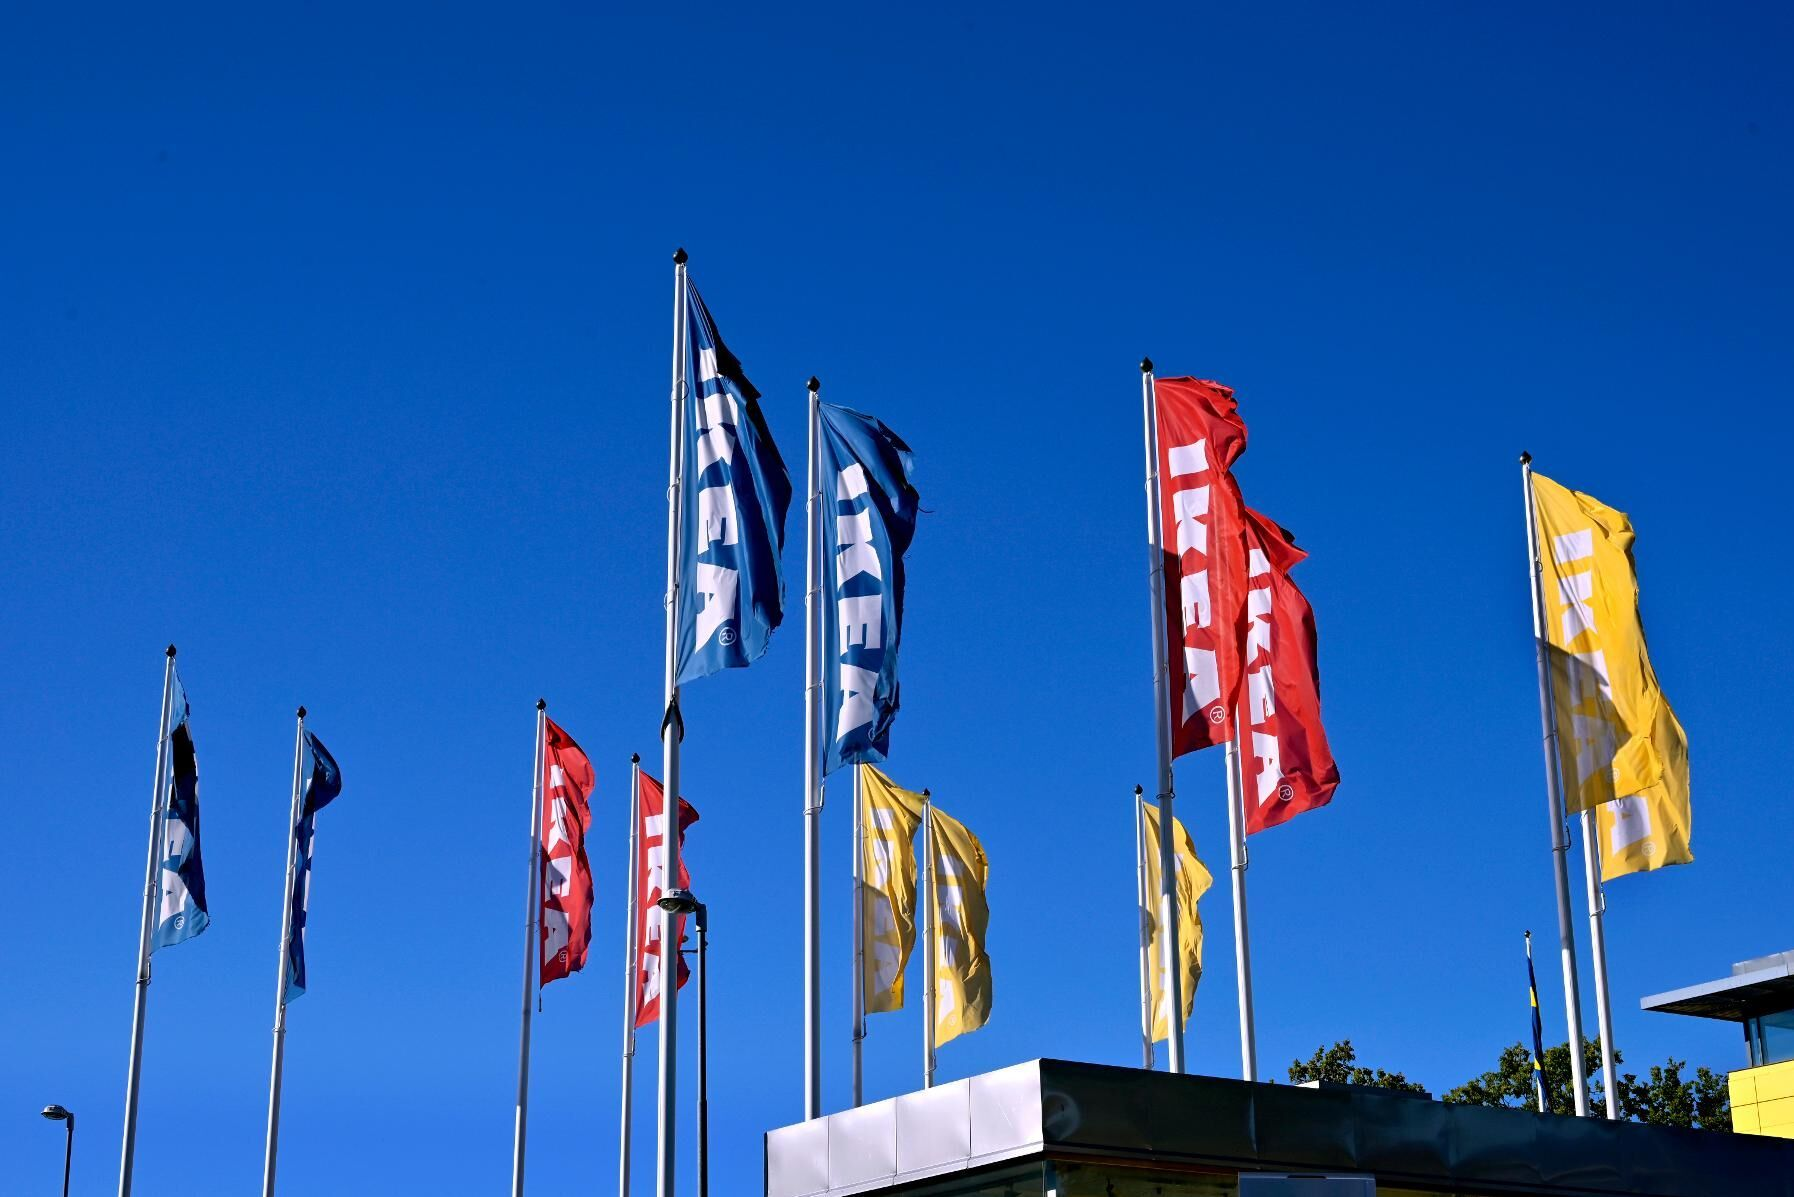 Ingka Group, som med franchiseavtal driver ett stort antal Ikea-varuhus runt om i världen, satsar på skogstillgångar för att uppfylla klimatmål. Arkivbild.